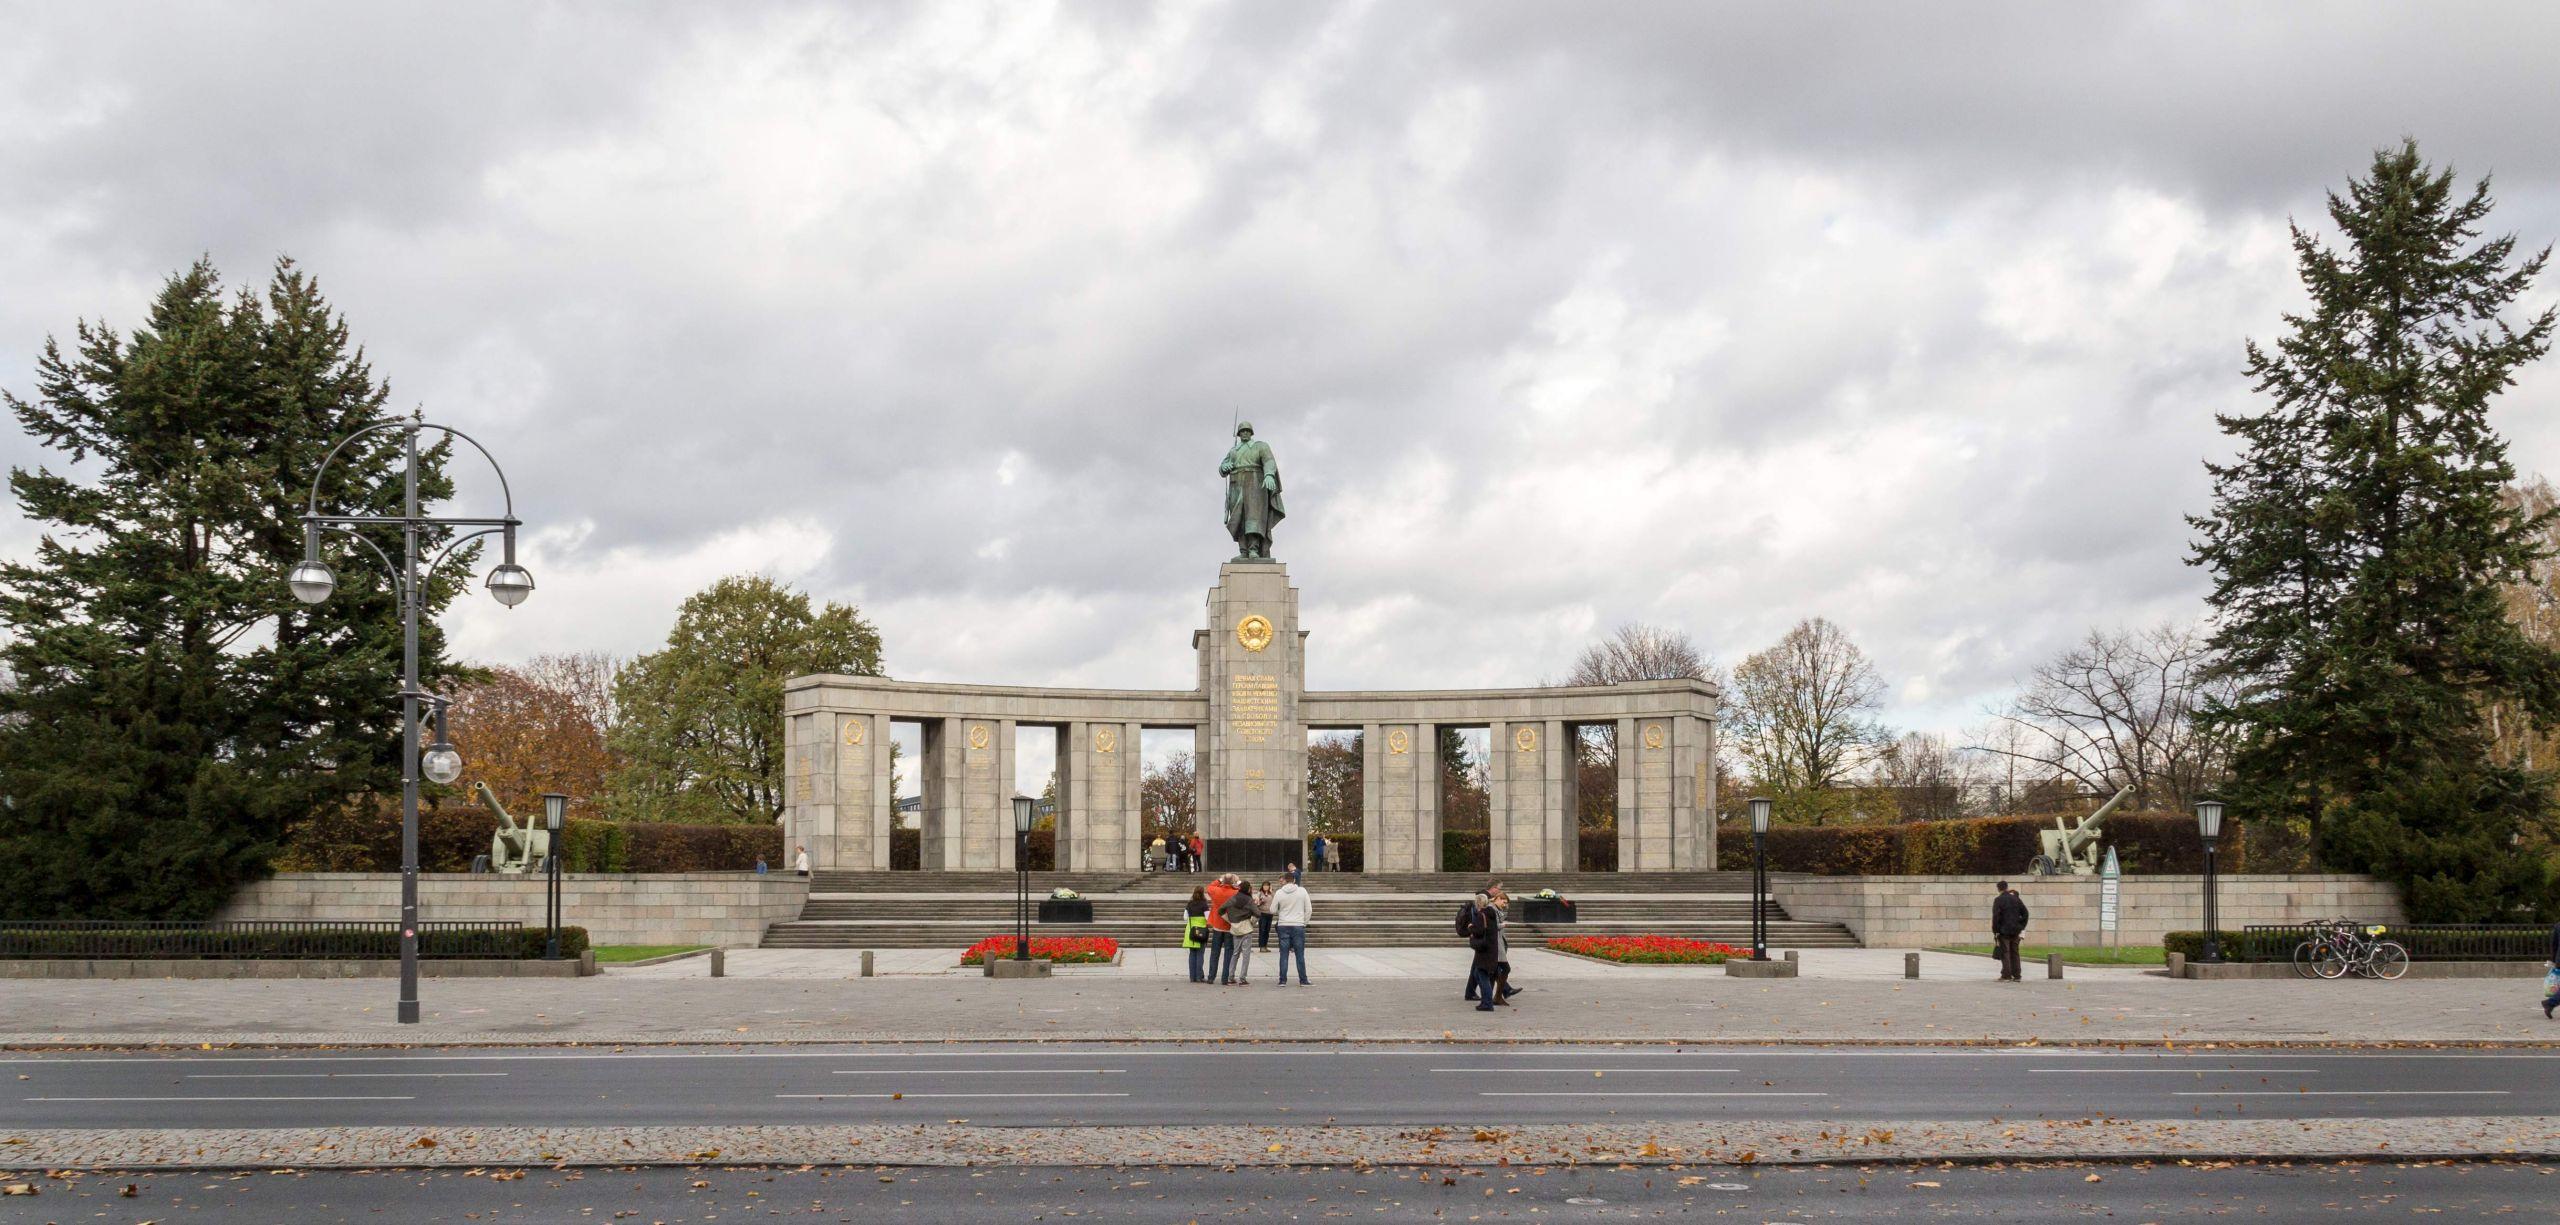 Flora Garten Genial Datei Berlin sowjetisches Ehrenmal 2013 4777